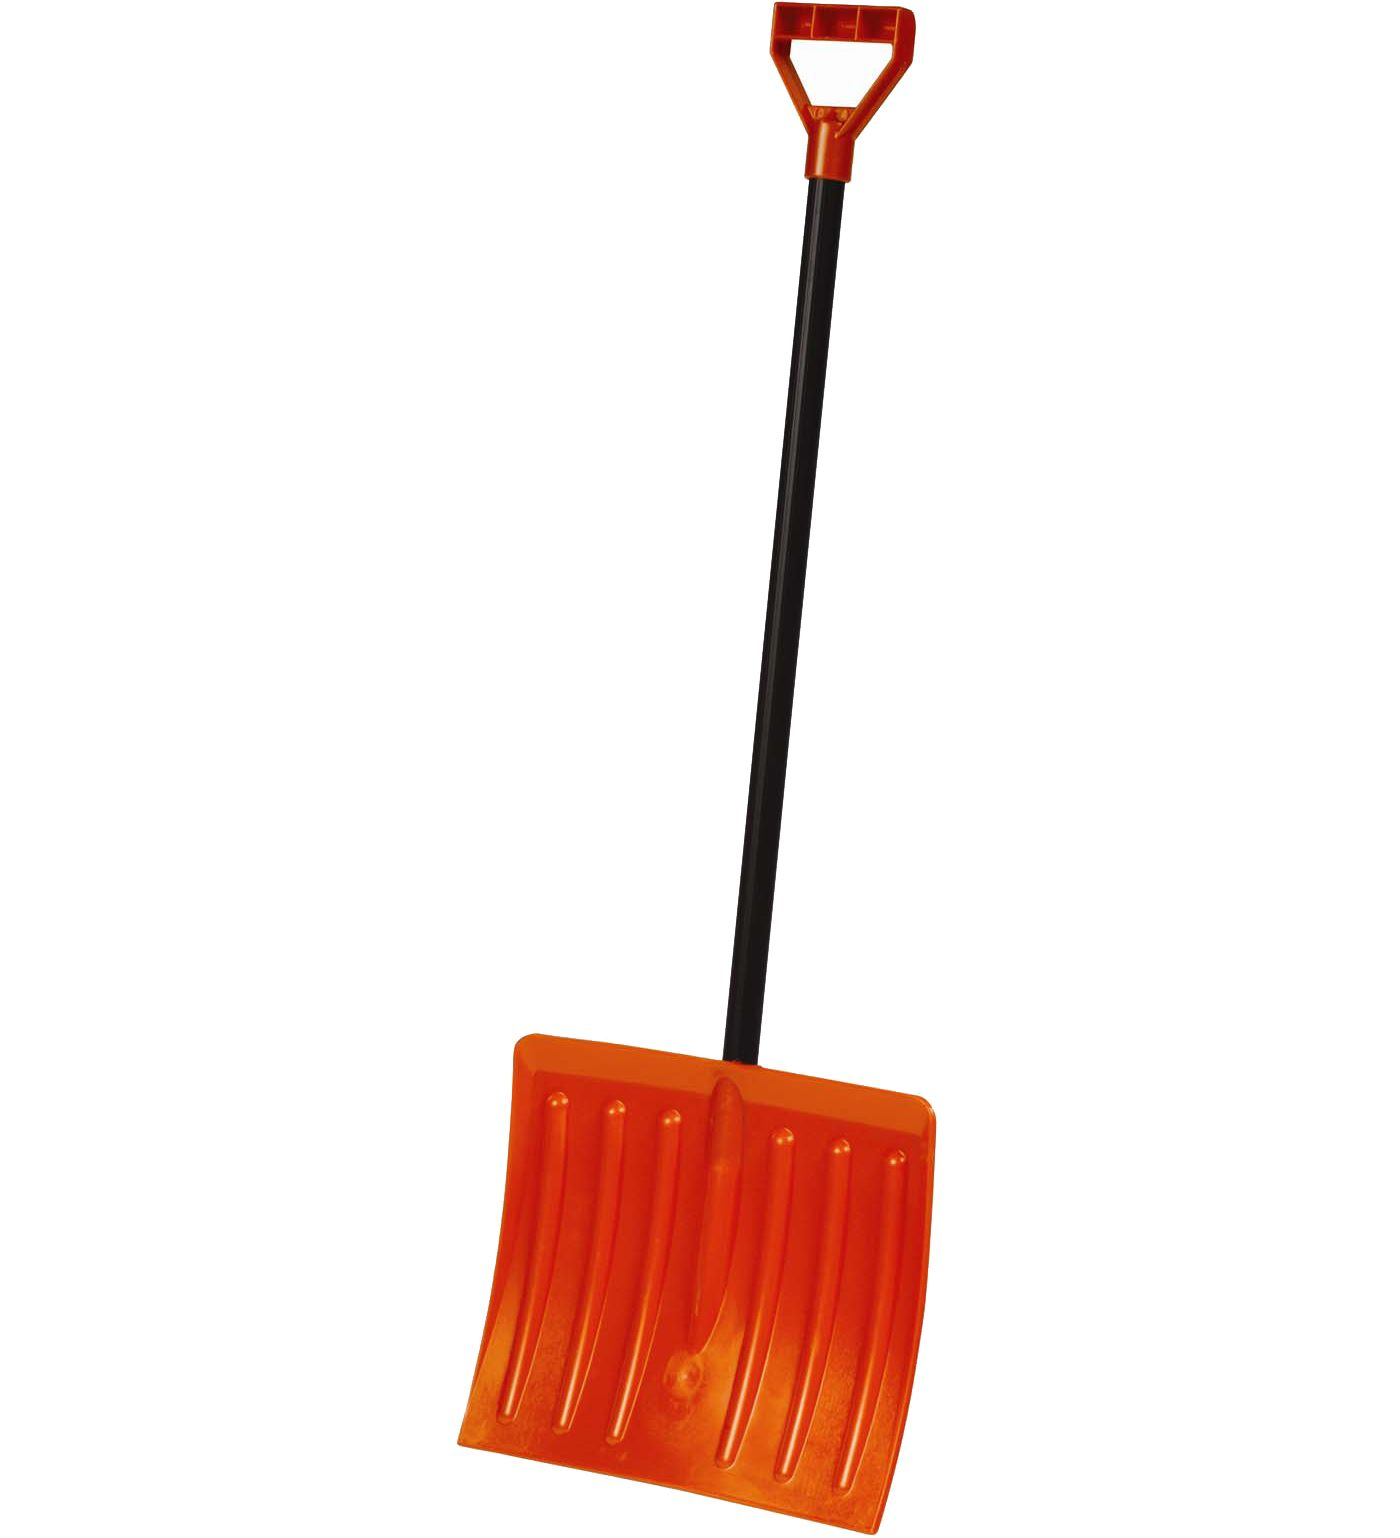 Emsco Children's Snow Shovel